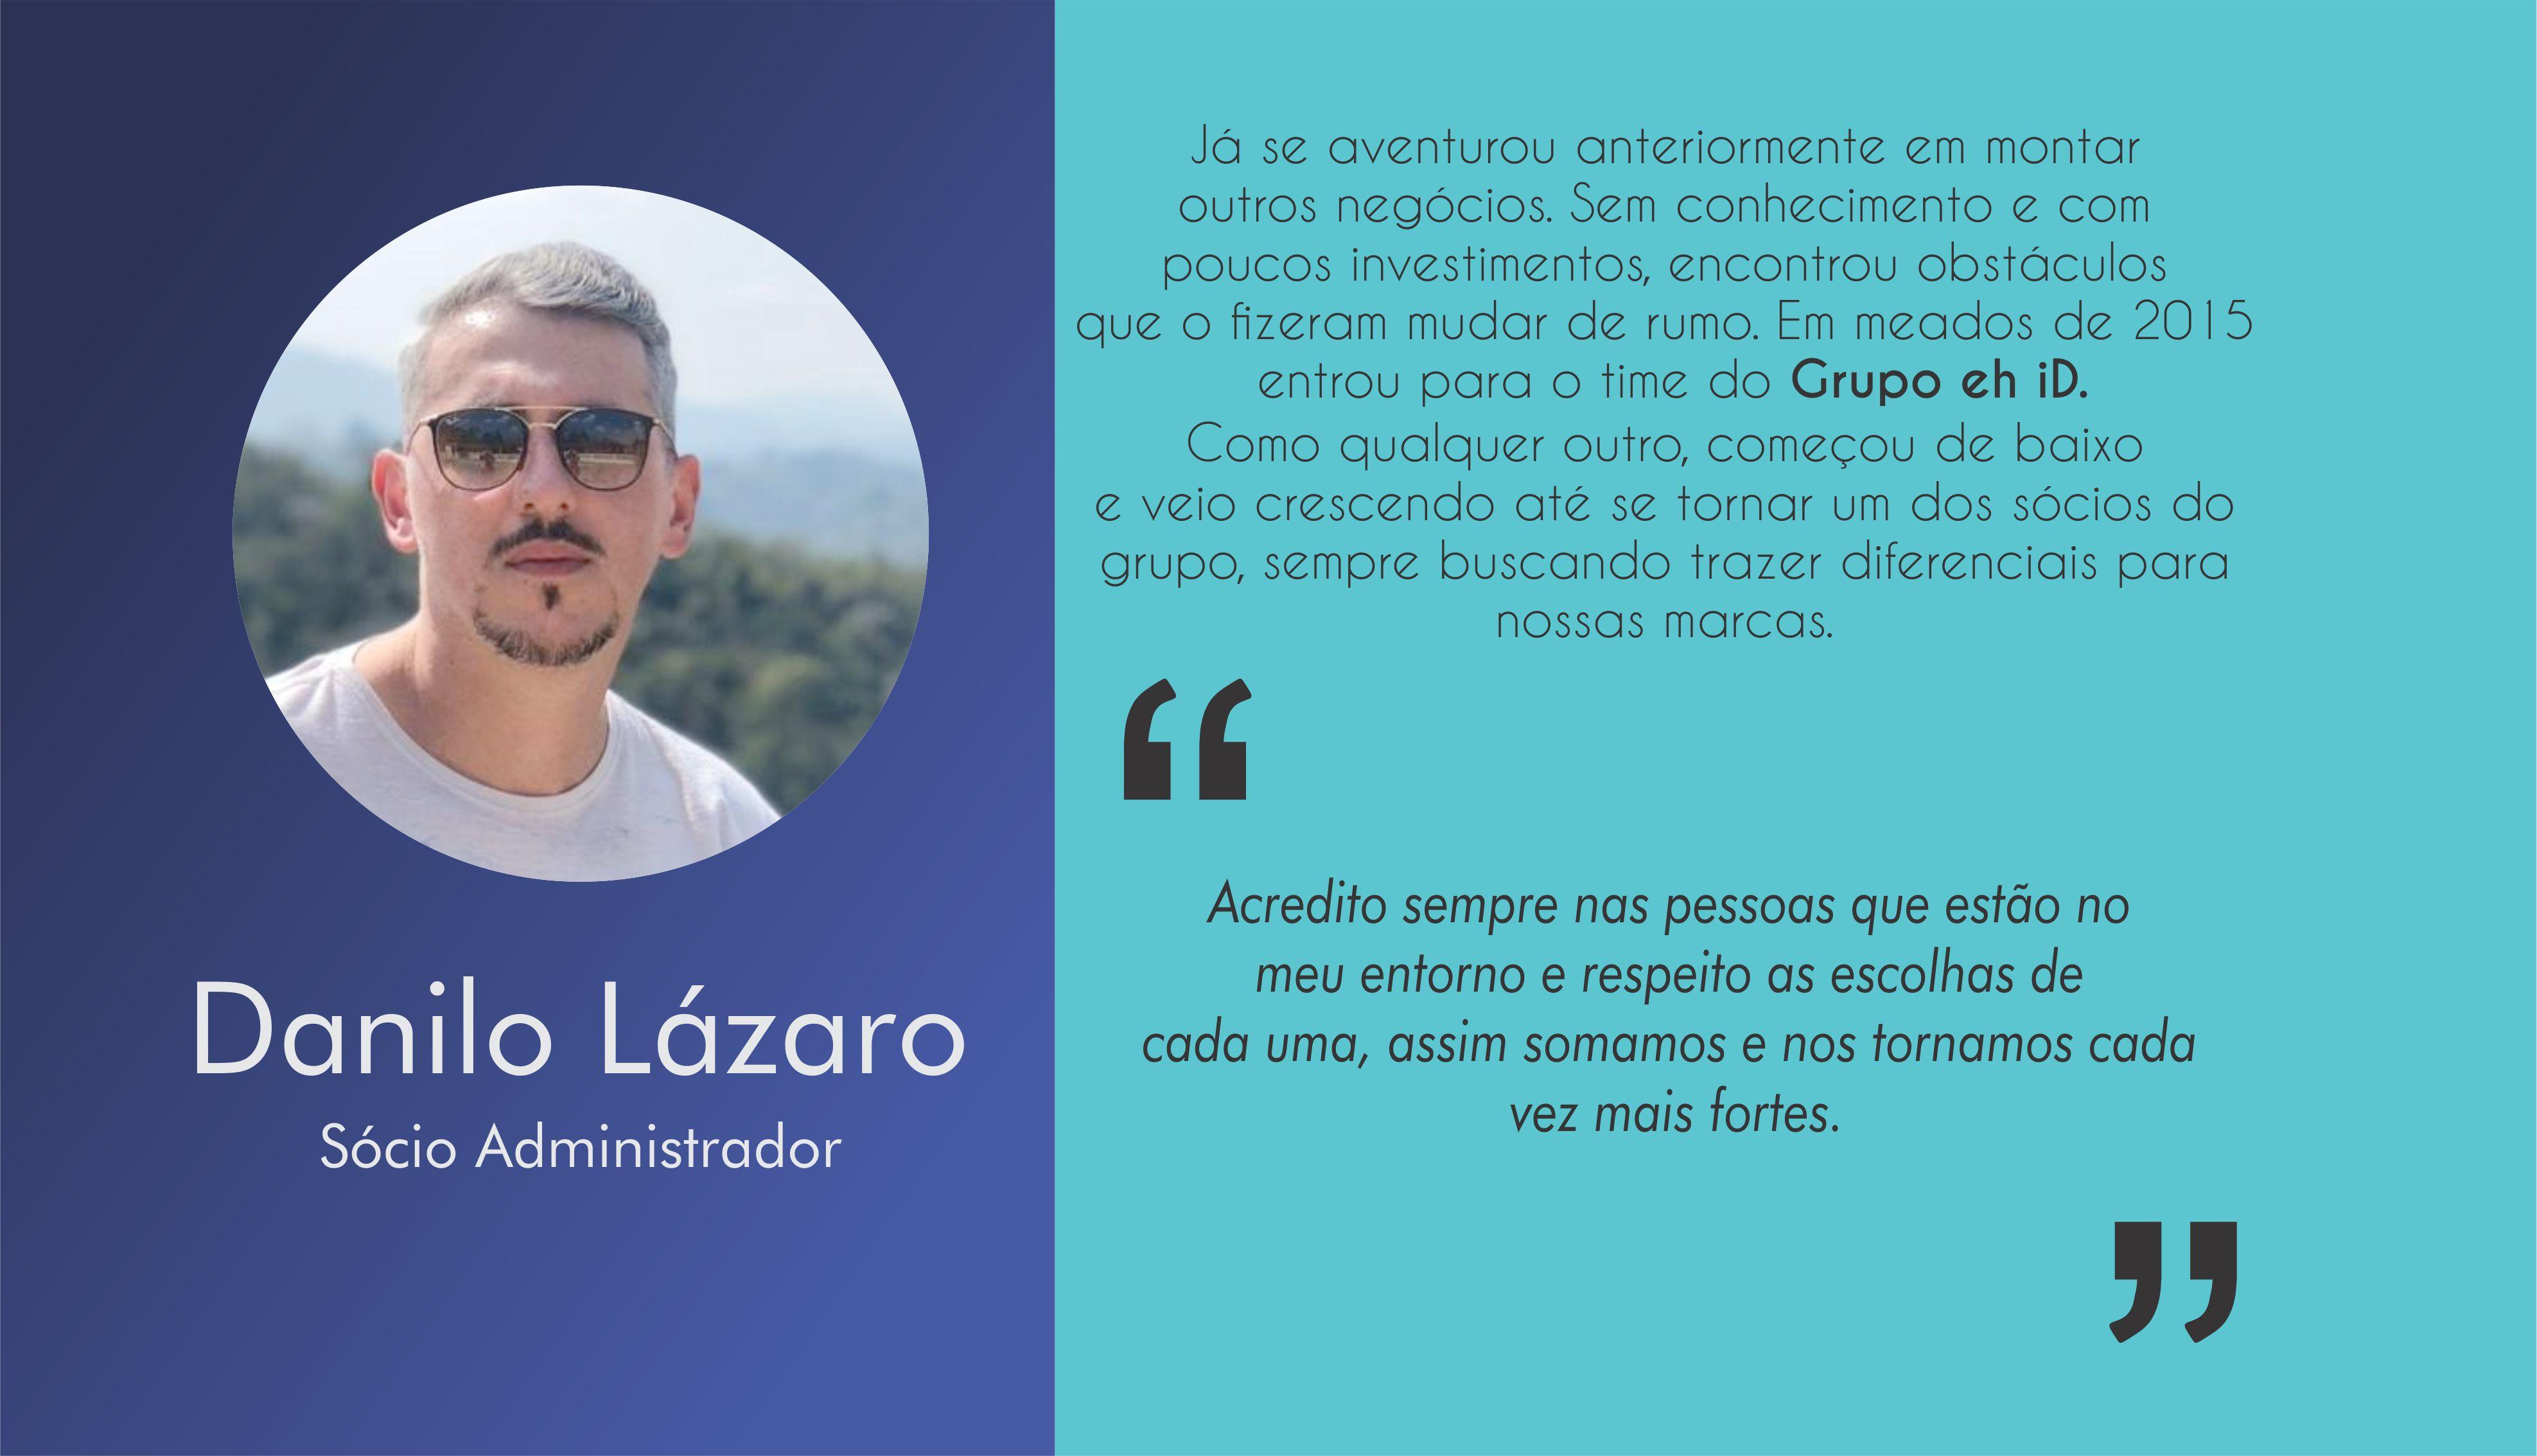 Danilo Lazaro